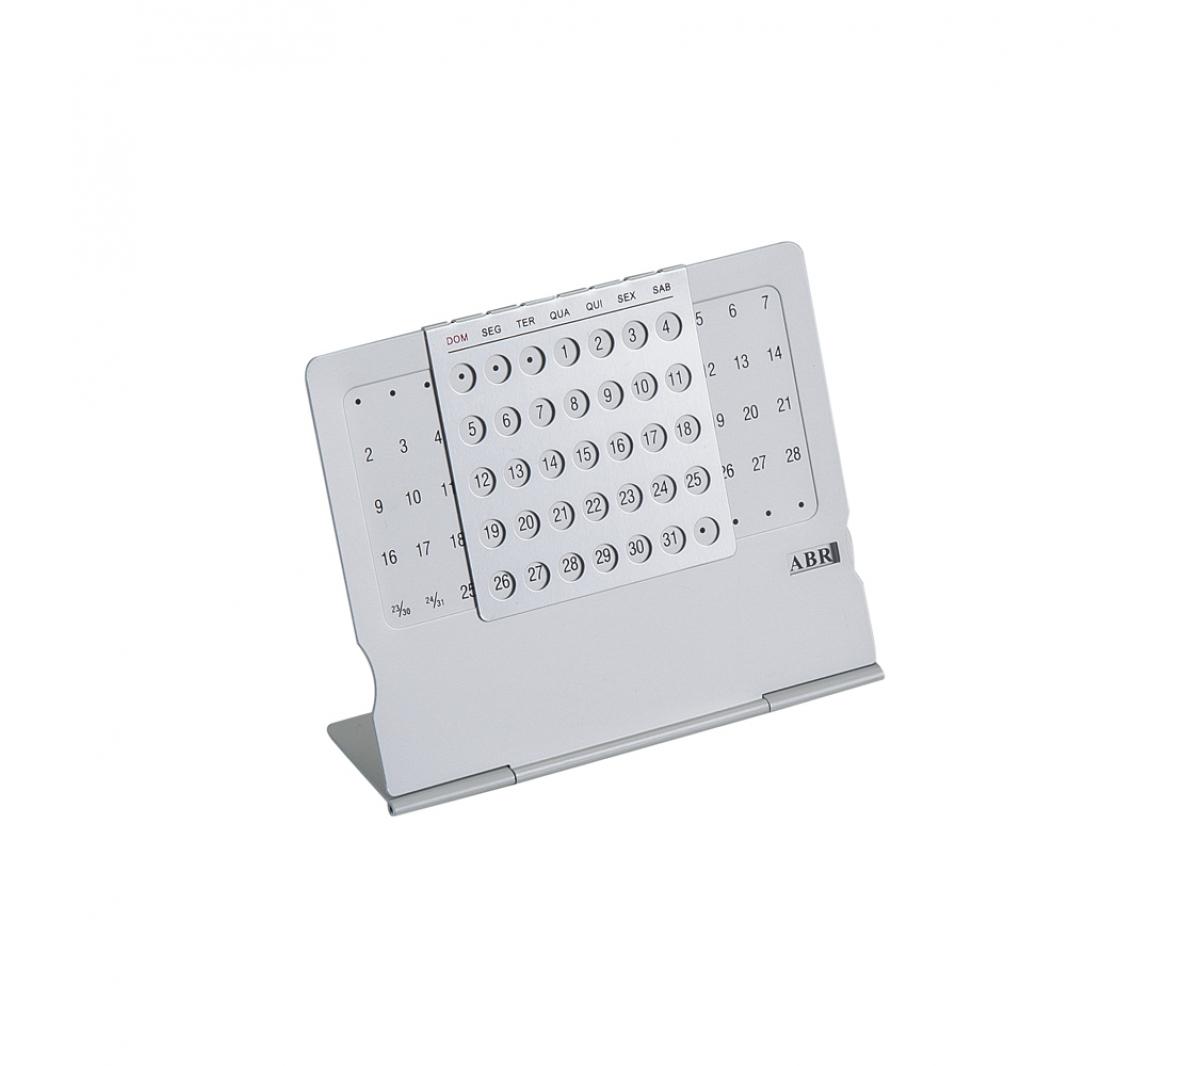 8afdc0815 Brinde calendário personalizado de mesa permanente FBCM-09110 - Flic ...